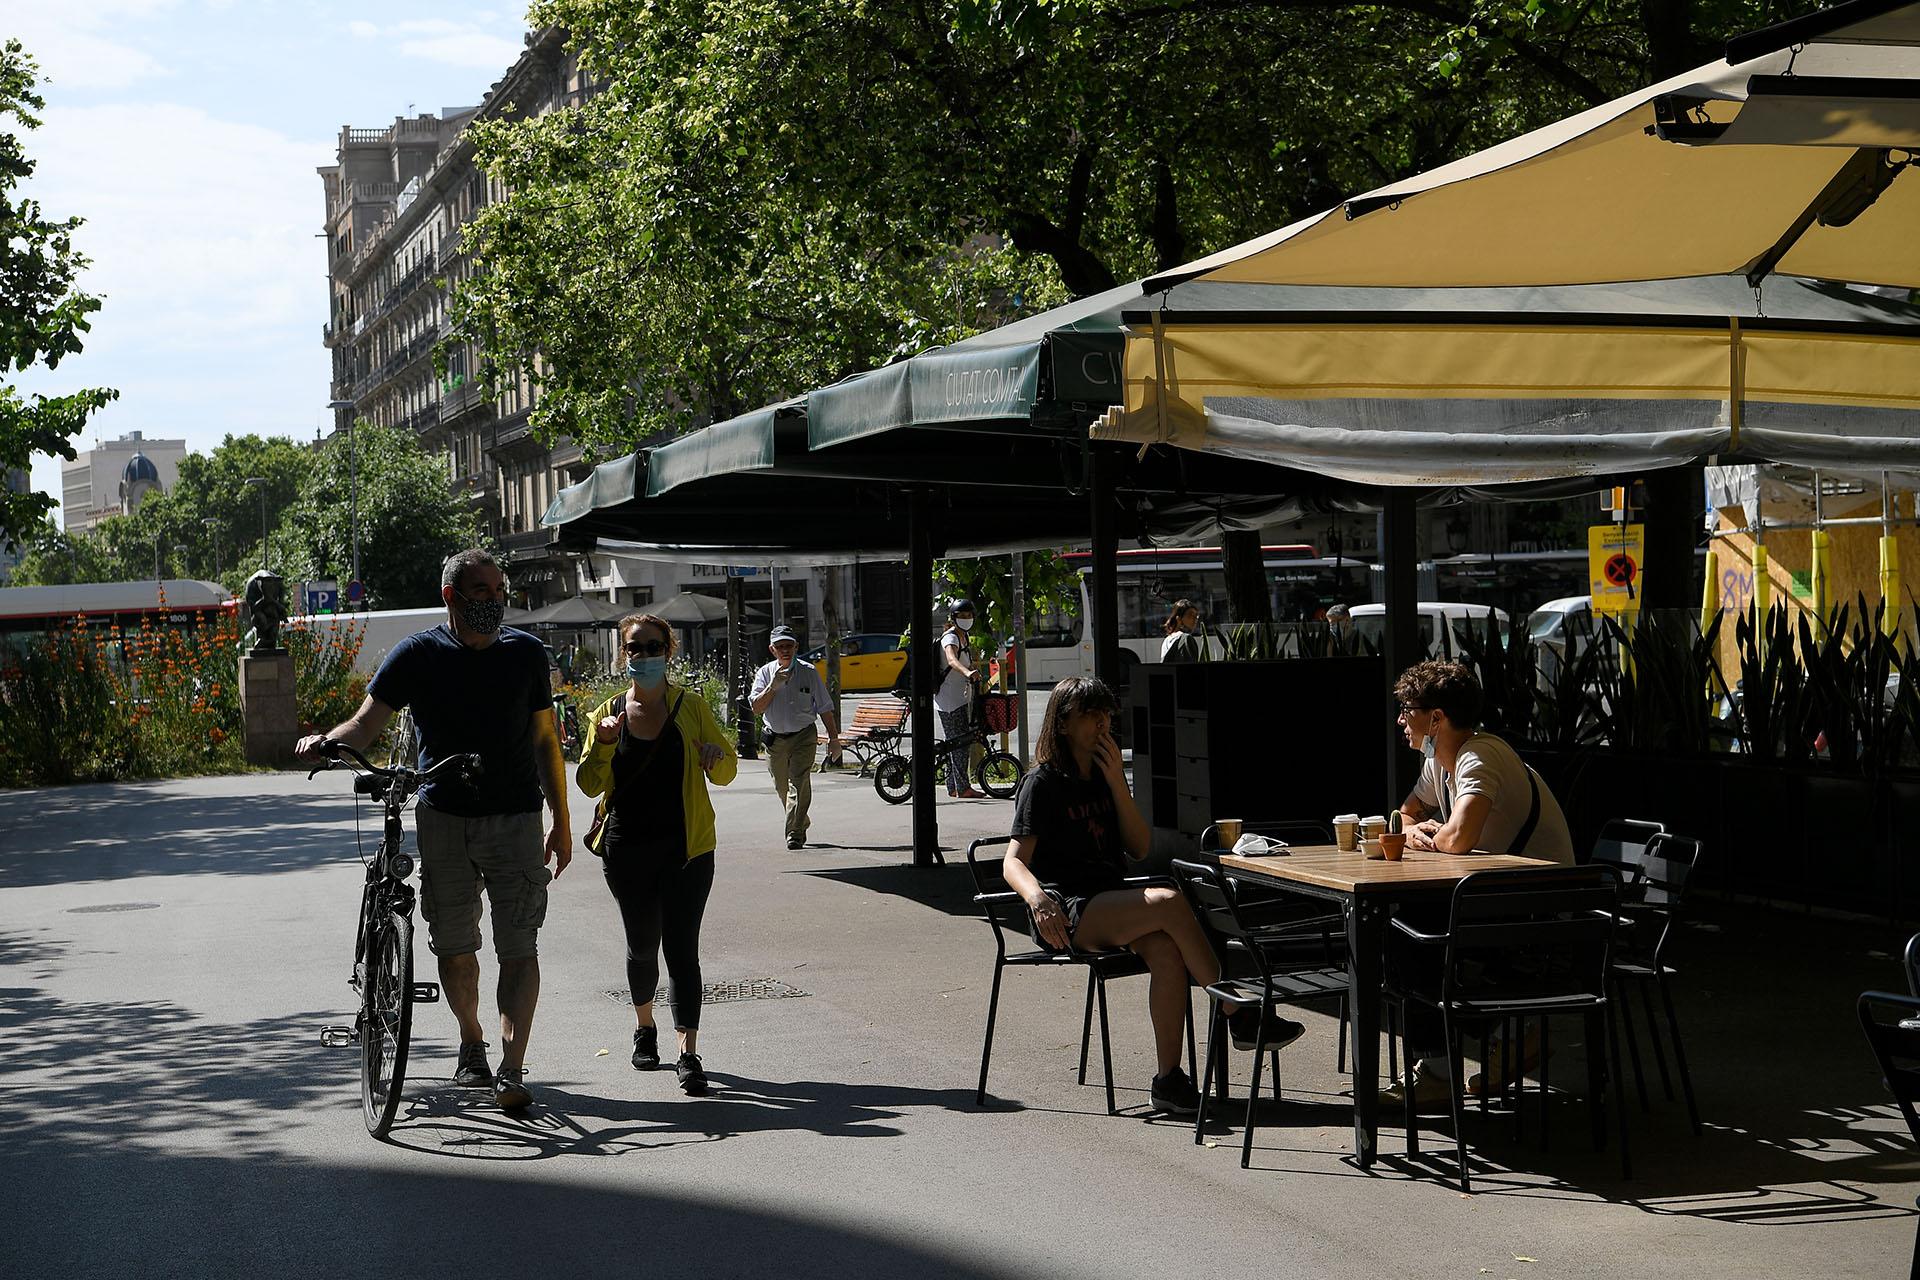 Los bares de las Ramblas de Barcelona, llenos. La crisis económica ya es de hecho una realidad en Europa, que como el resto del mundo espera una recesión gigantesca, y que promete nuevos y complicados episodios. (LLUIS GENE / AFP)